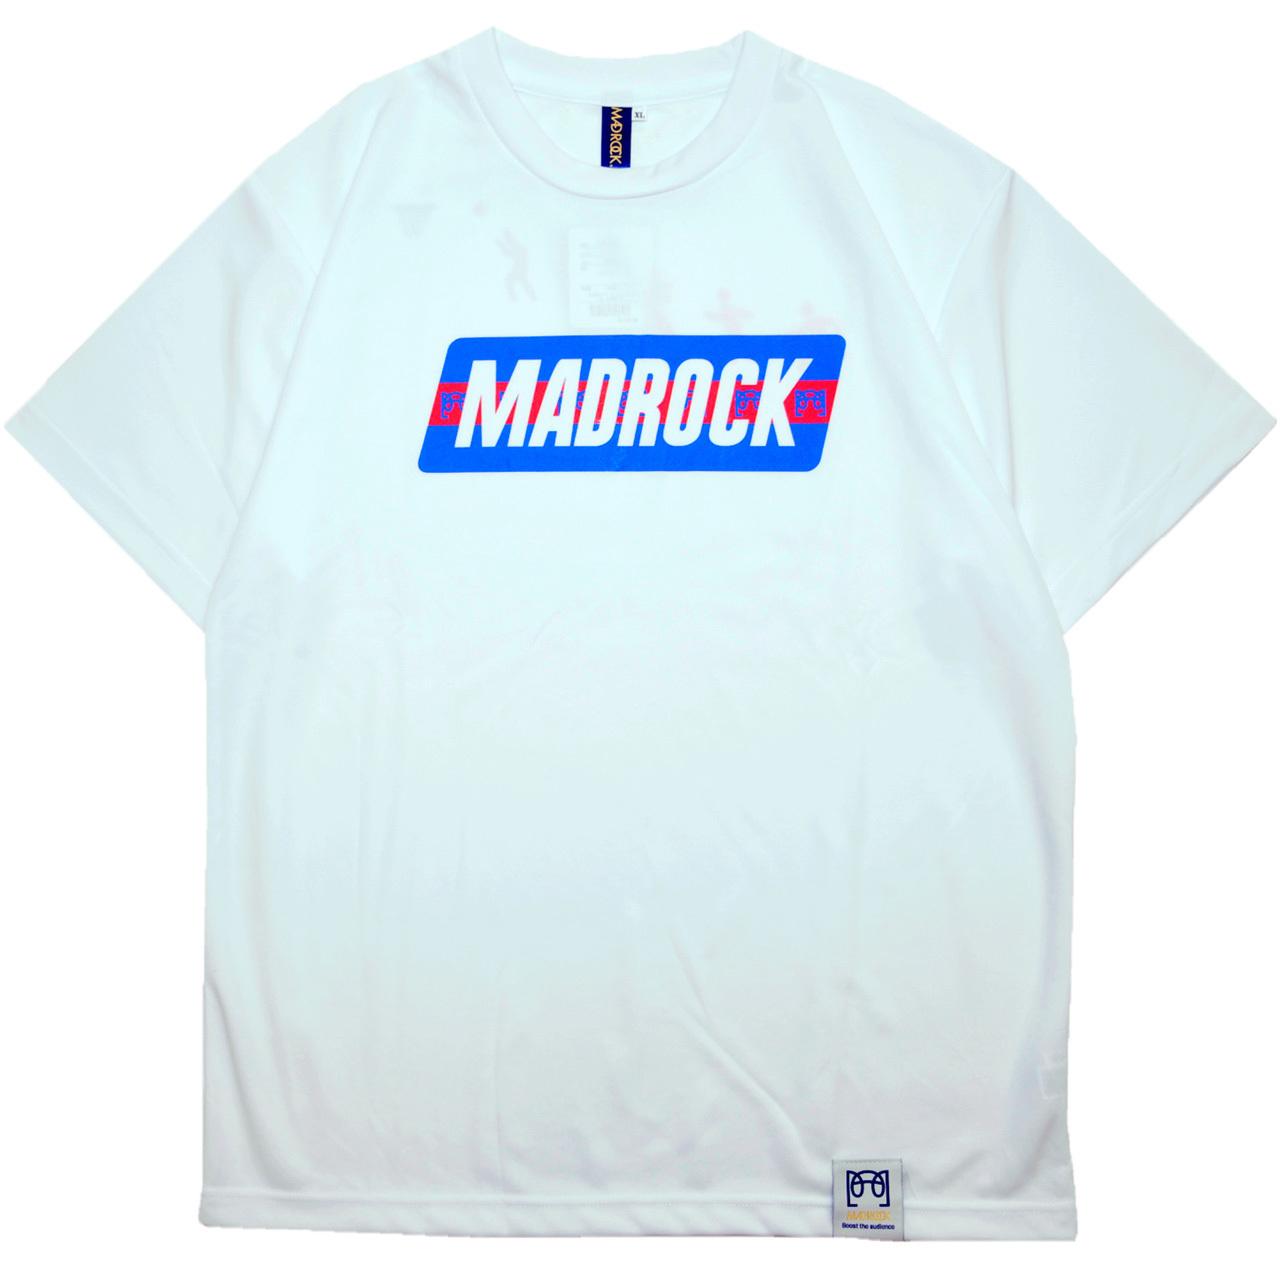 マッドロック - ブレインボール - Tシャツ / ドライタイプ / ホワイト / MADROCK - BrainBall - TEE